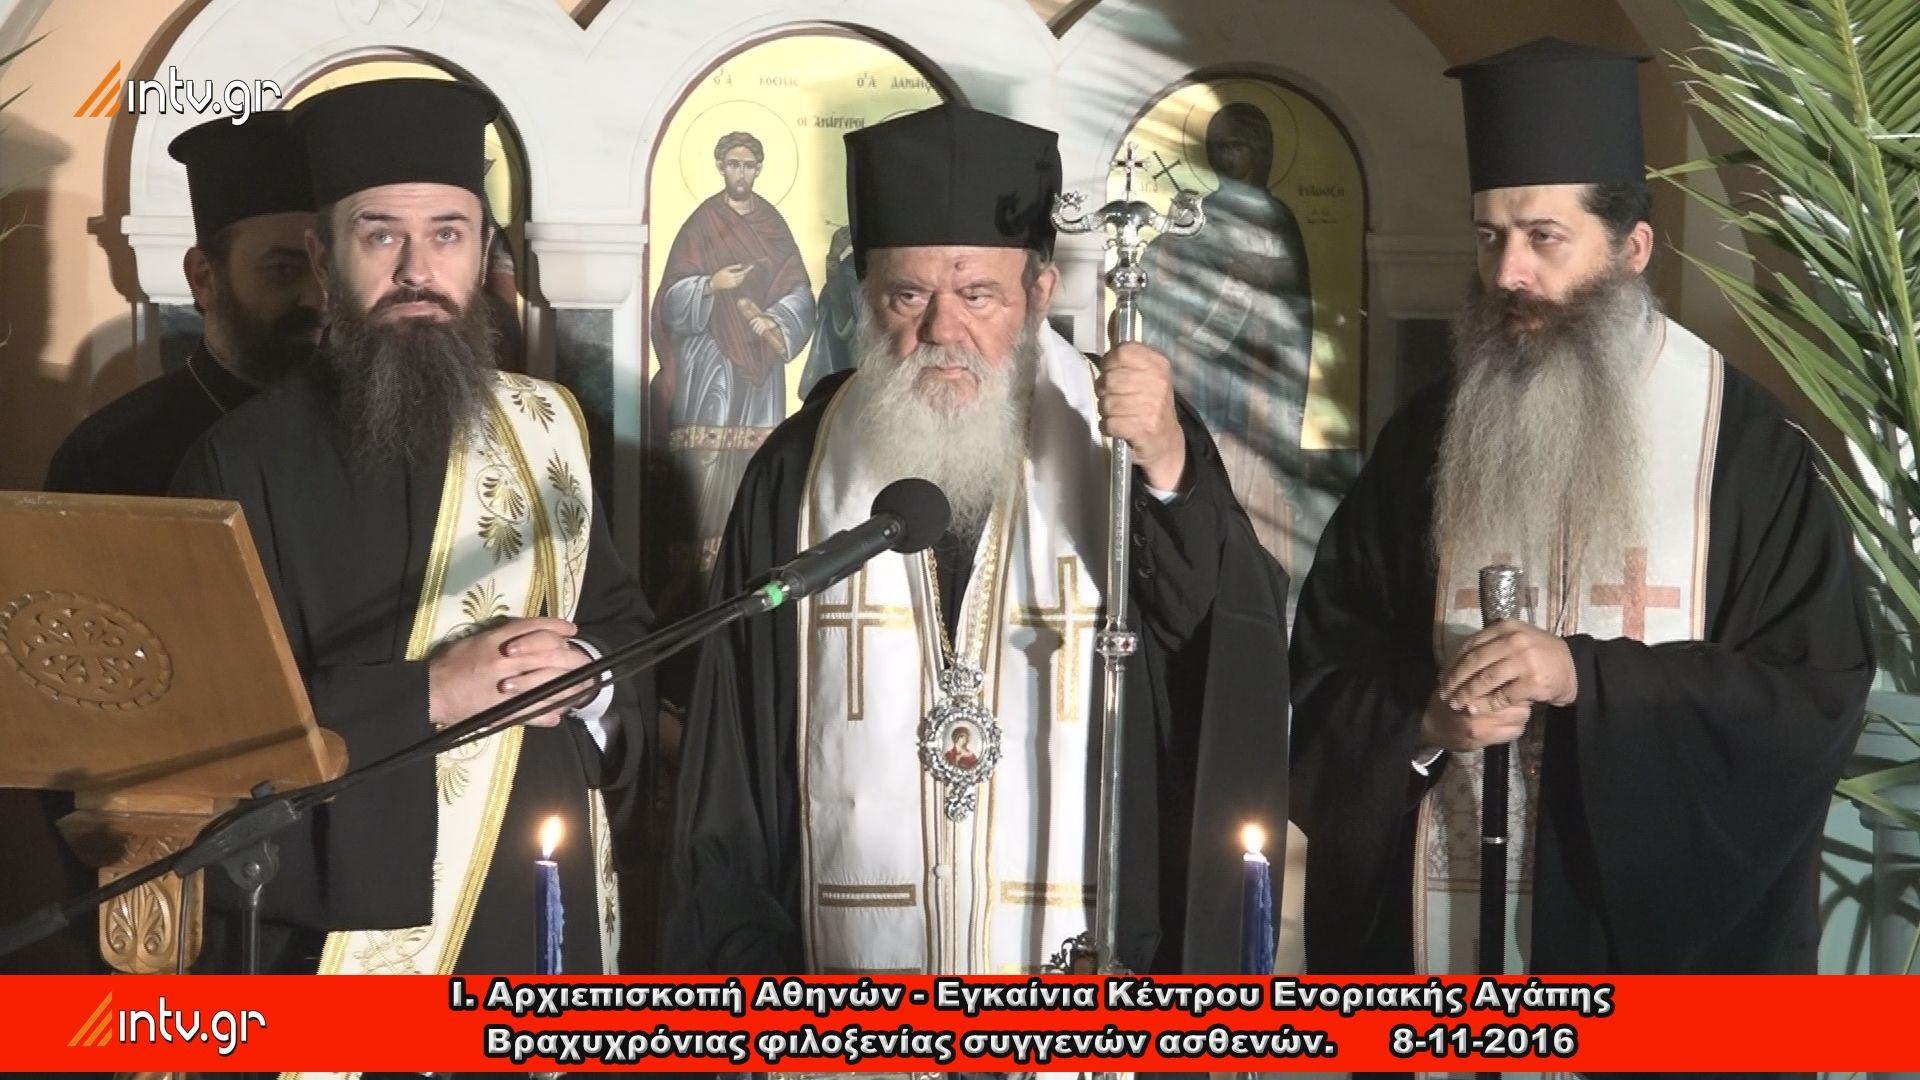 Ι. Αρχιεπισκοπή Αθηνών - Εγκαίνια Κέντρου Ενοριακής Αγάπης Βραχυχρόνιας φιλοξενίας συγγενών ασθενών